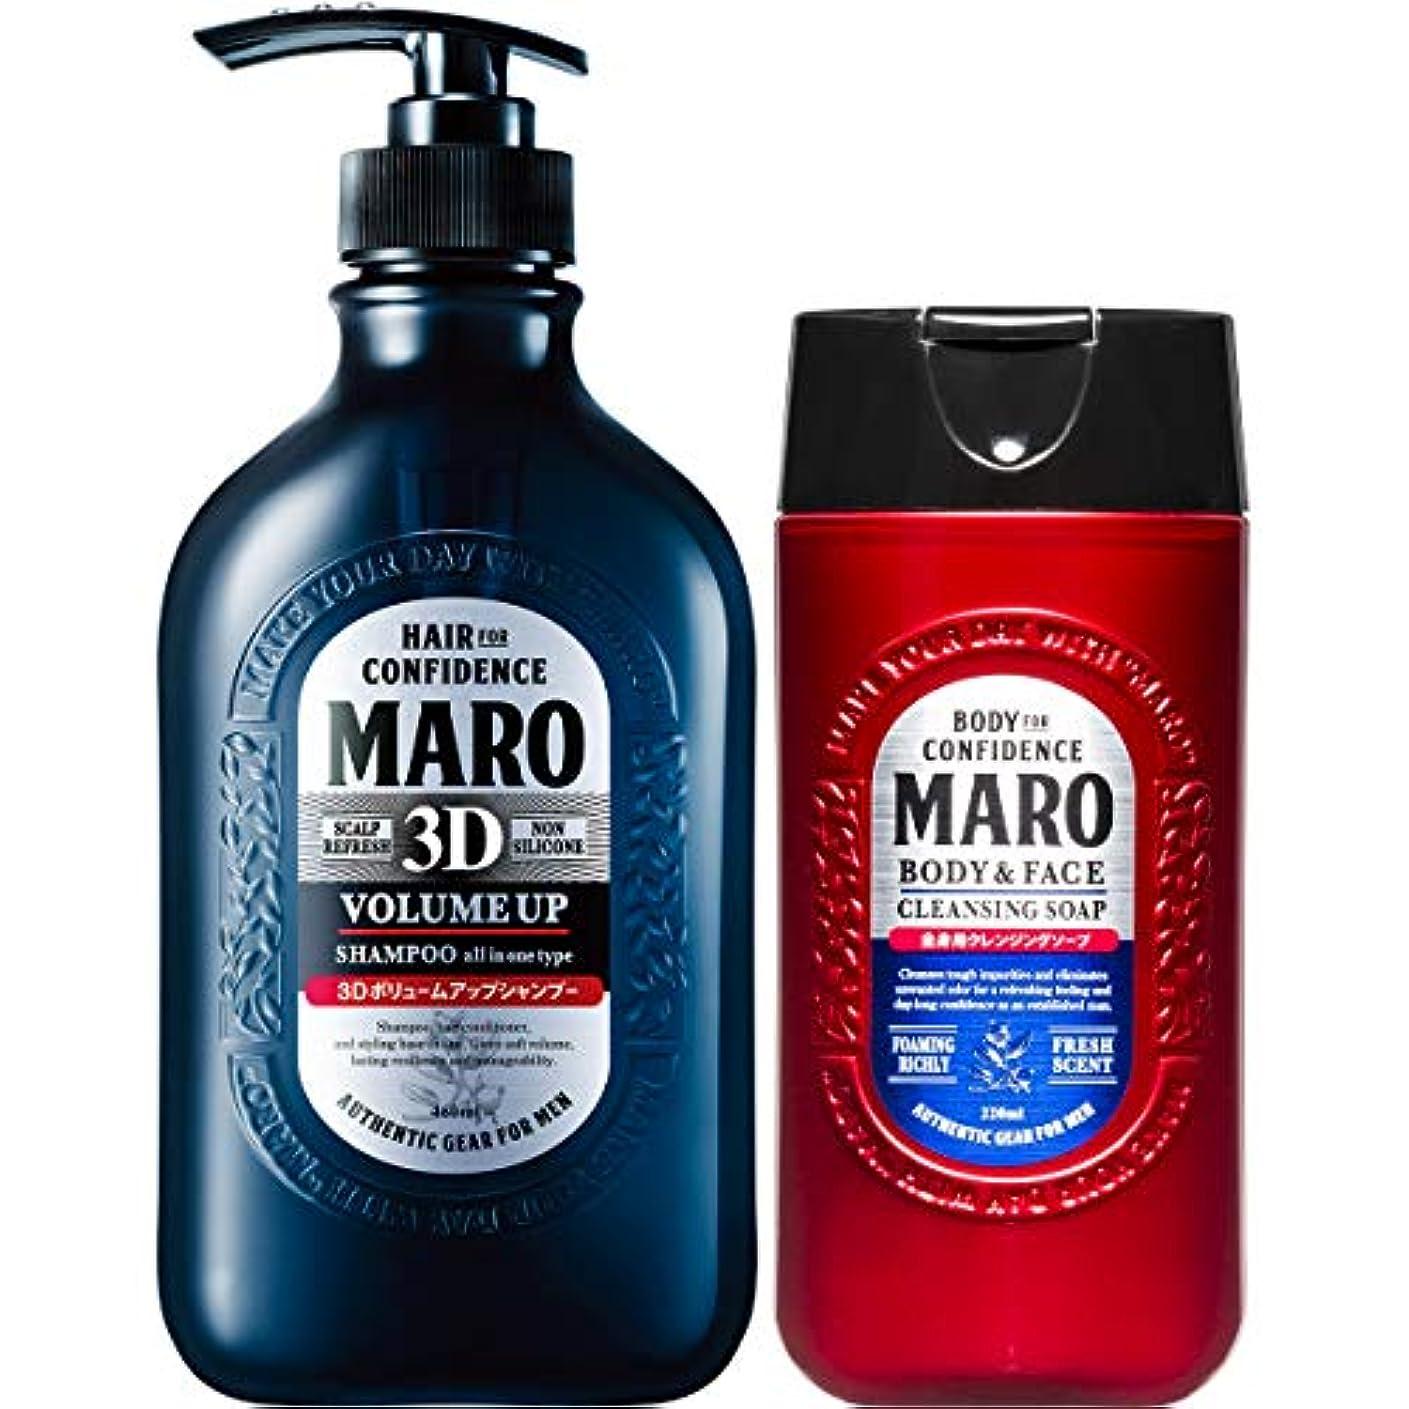 雲落胆する協力するMARO(マーロ) ボリュームアップシャンプー、クレンジングソープ 本体 460ml+クレンジングソープ220ml